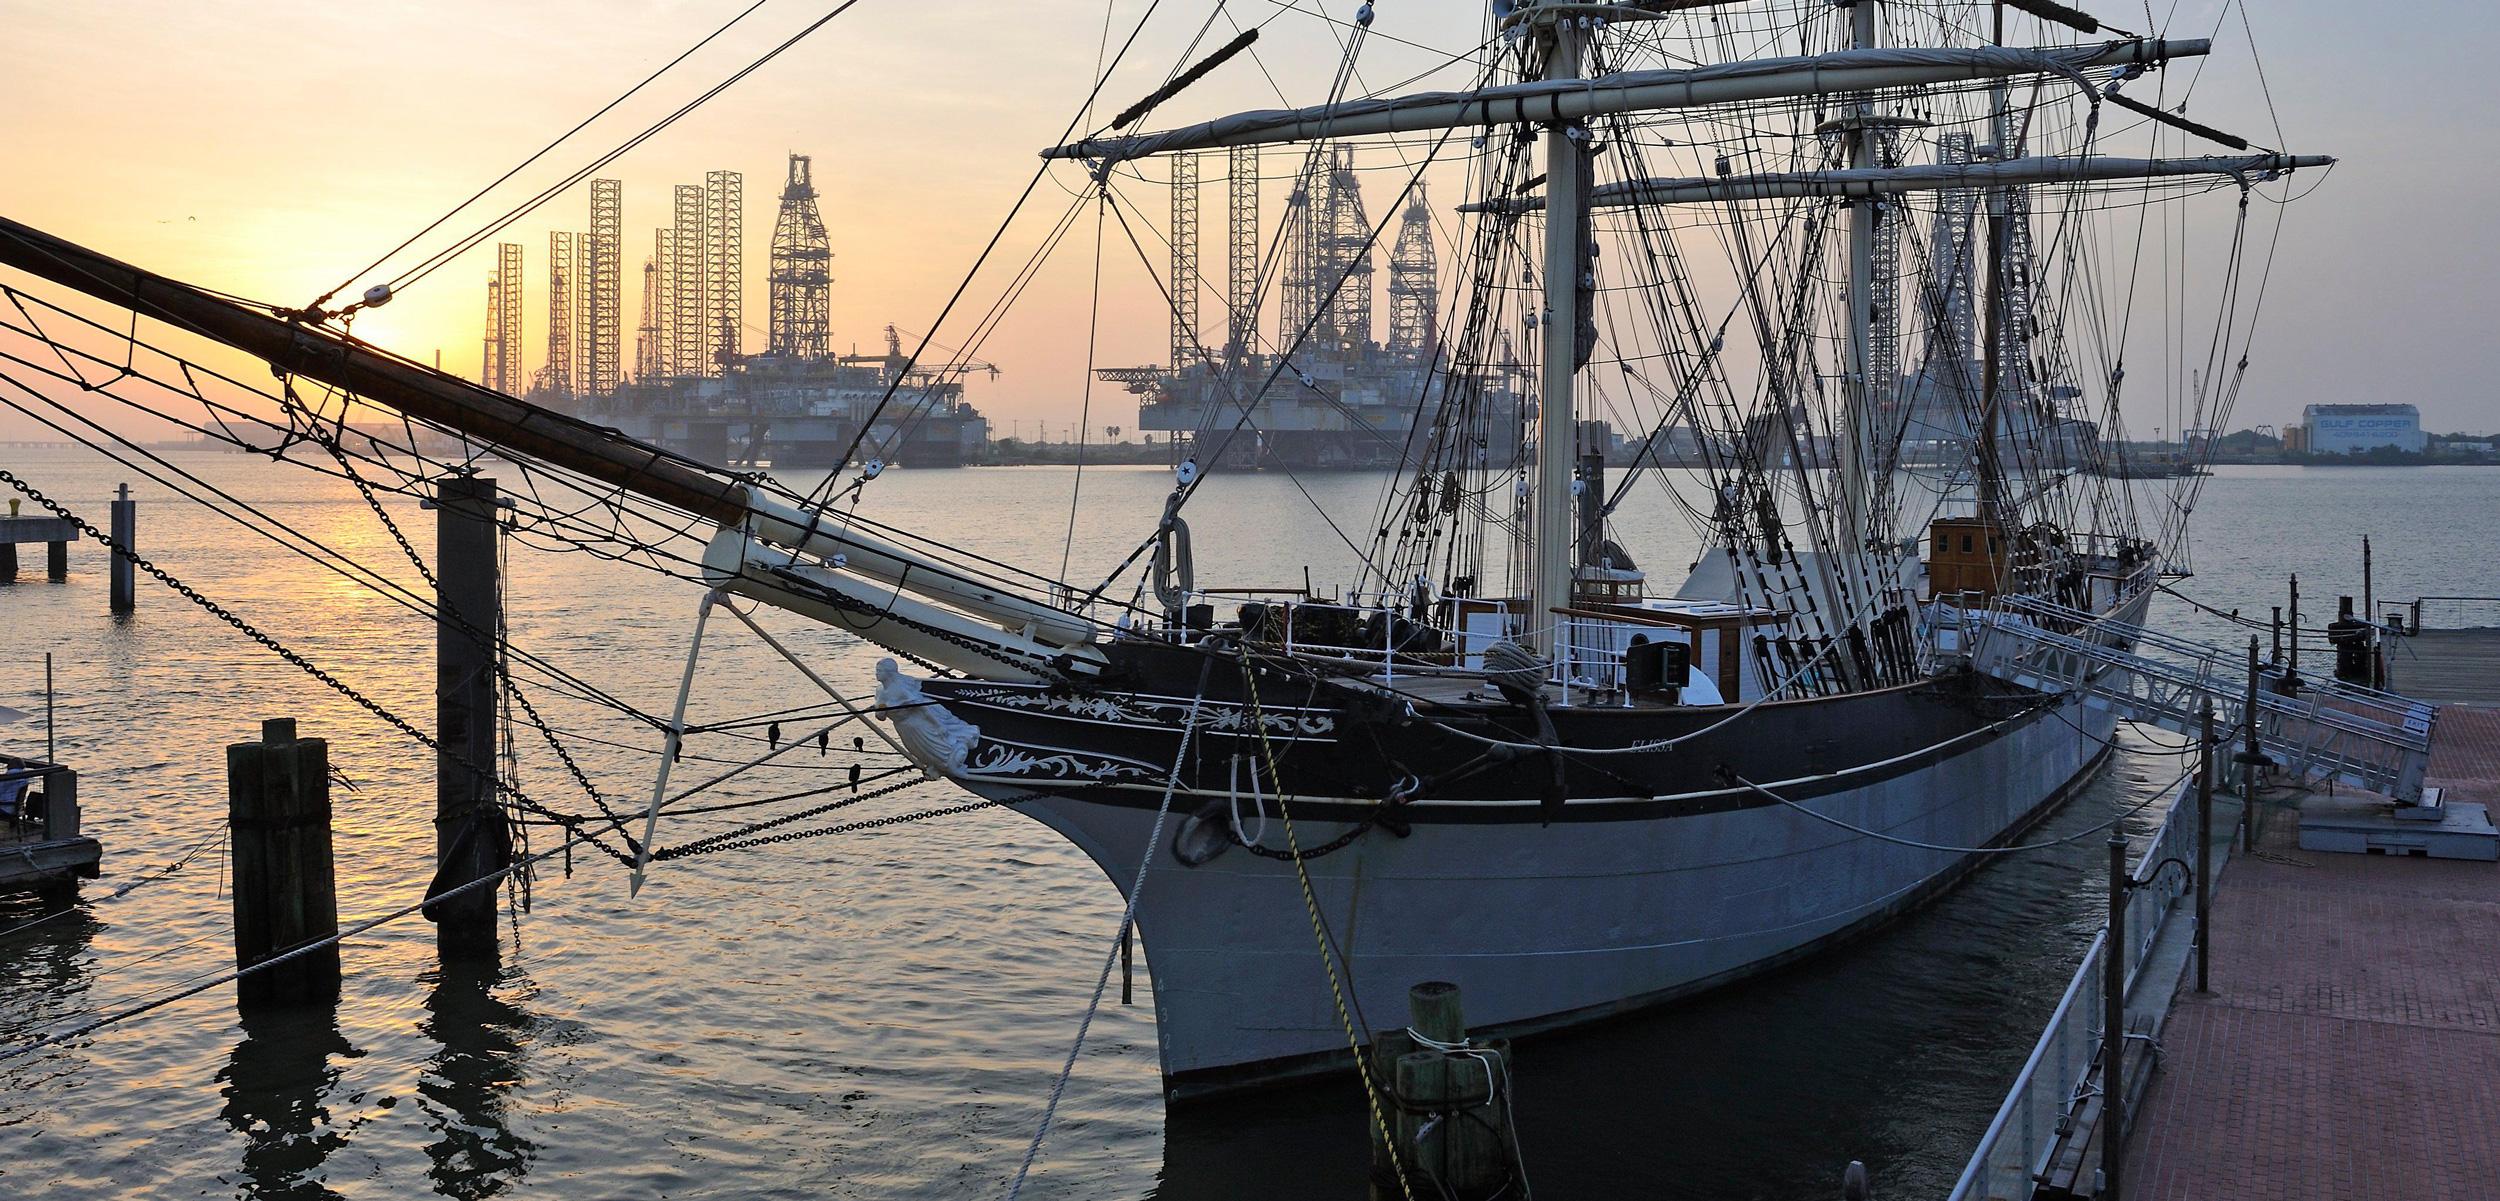 Tall ship Elissa moored in Port Galveston, Texas